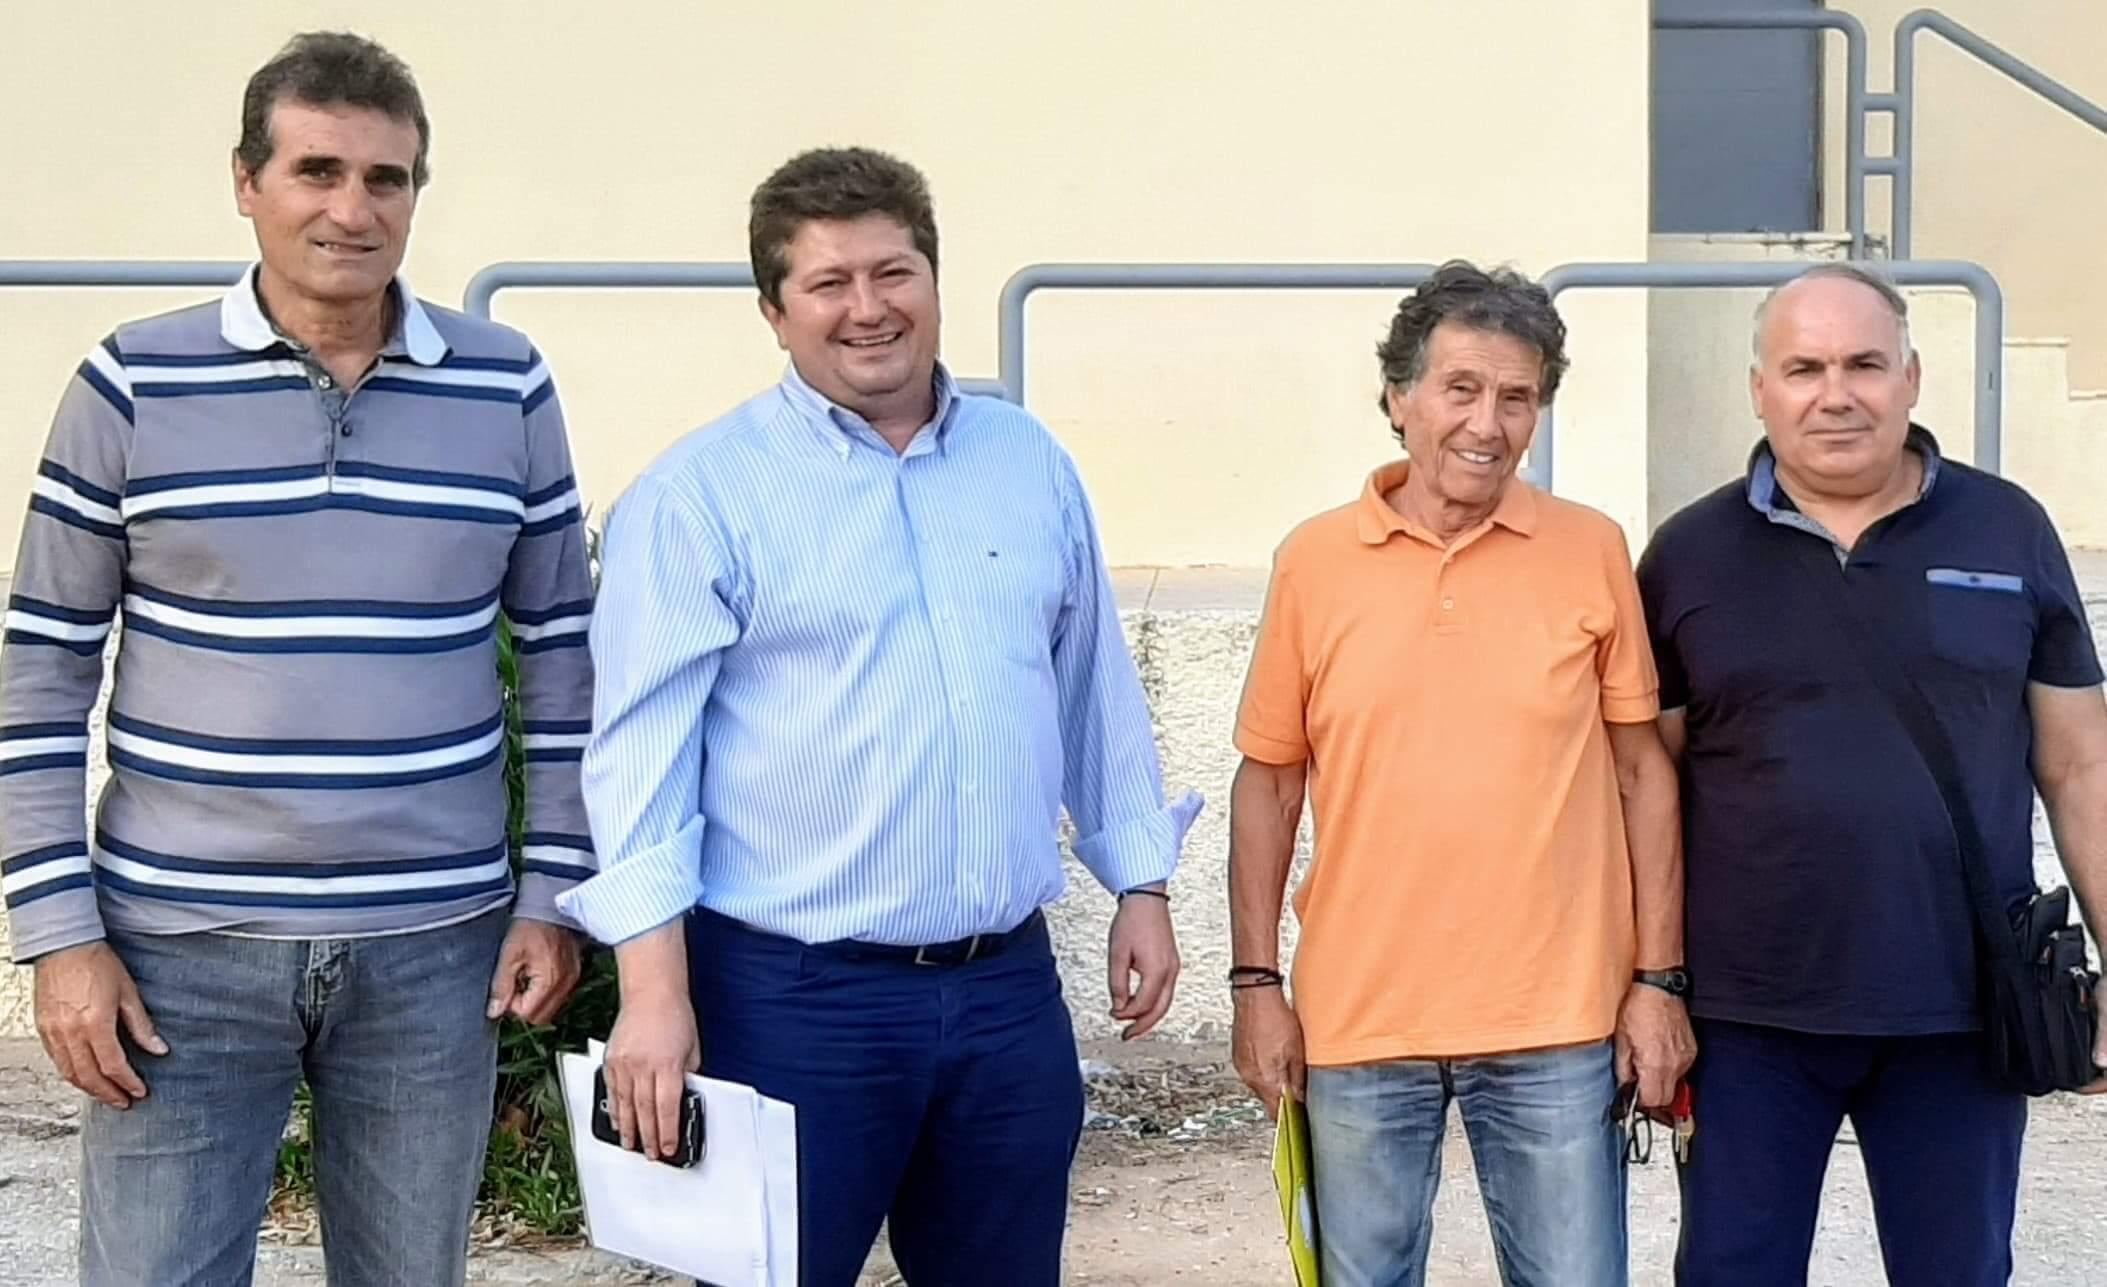 Συνάντηση Αντιδημάρχου Αθλητισμού Θεόδωρου Β Τερζή με το ΔΣ των Βετεράνων ποδοσφαιριστών Περάματος !!!